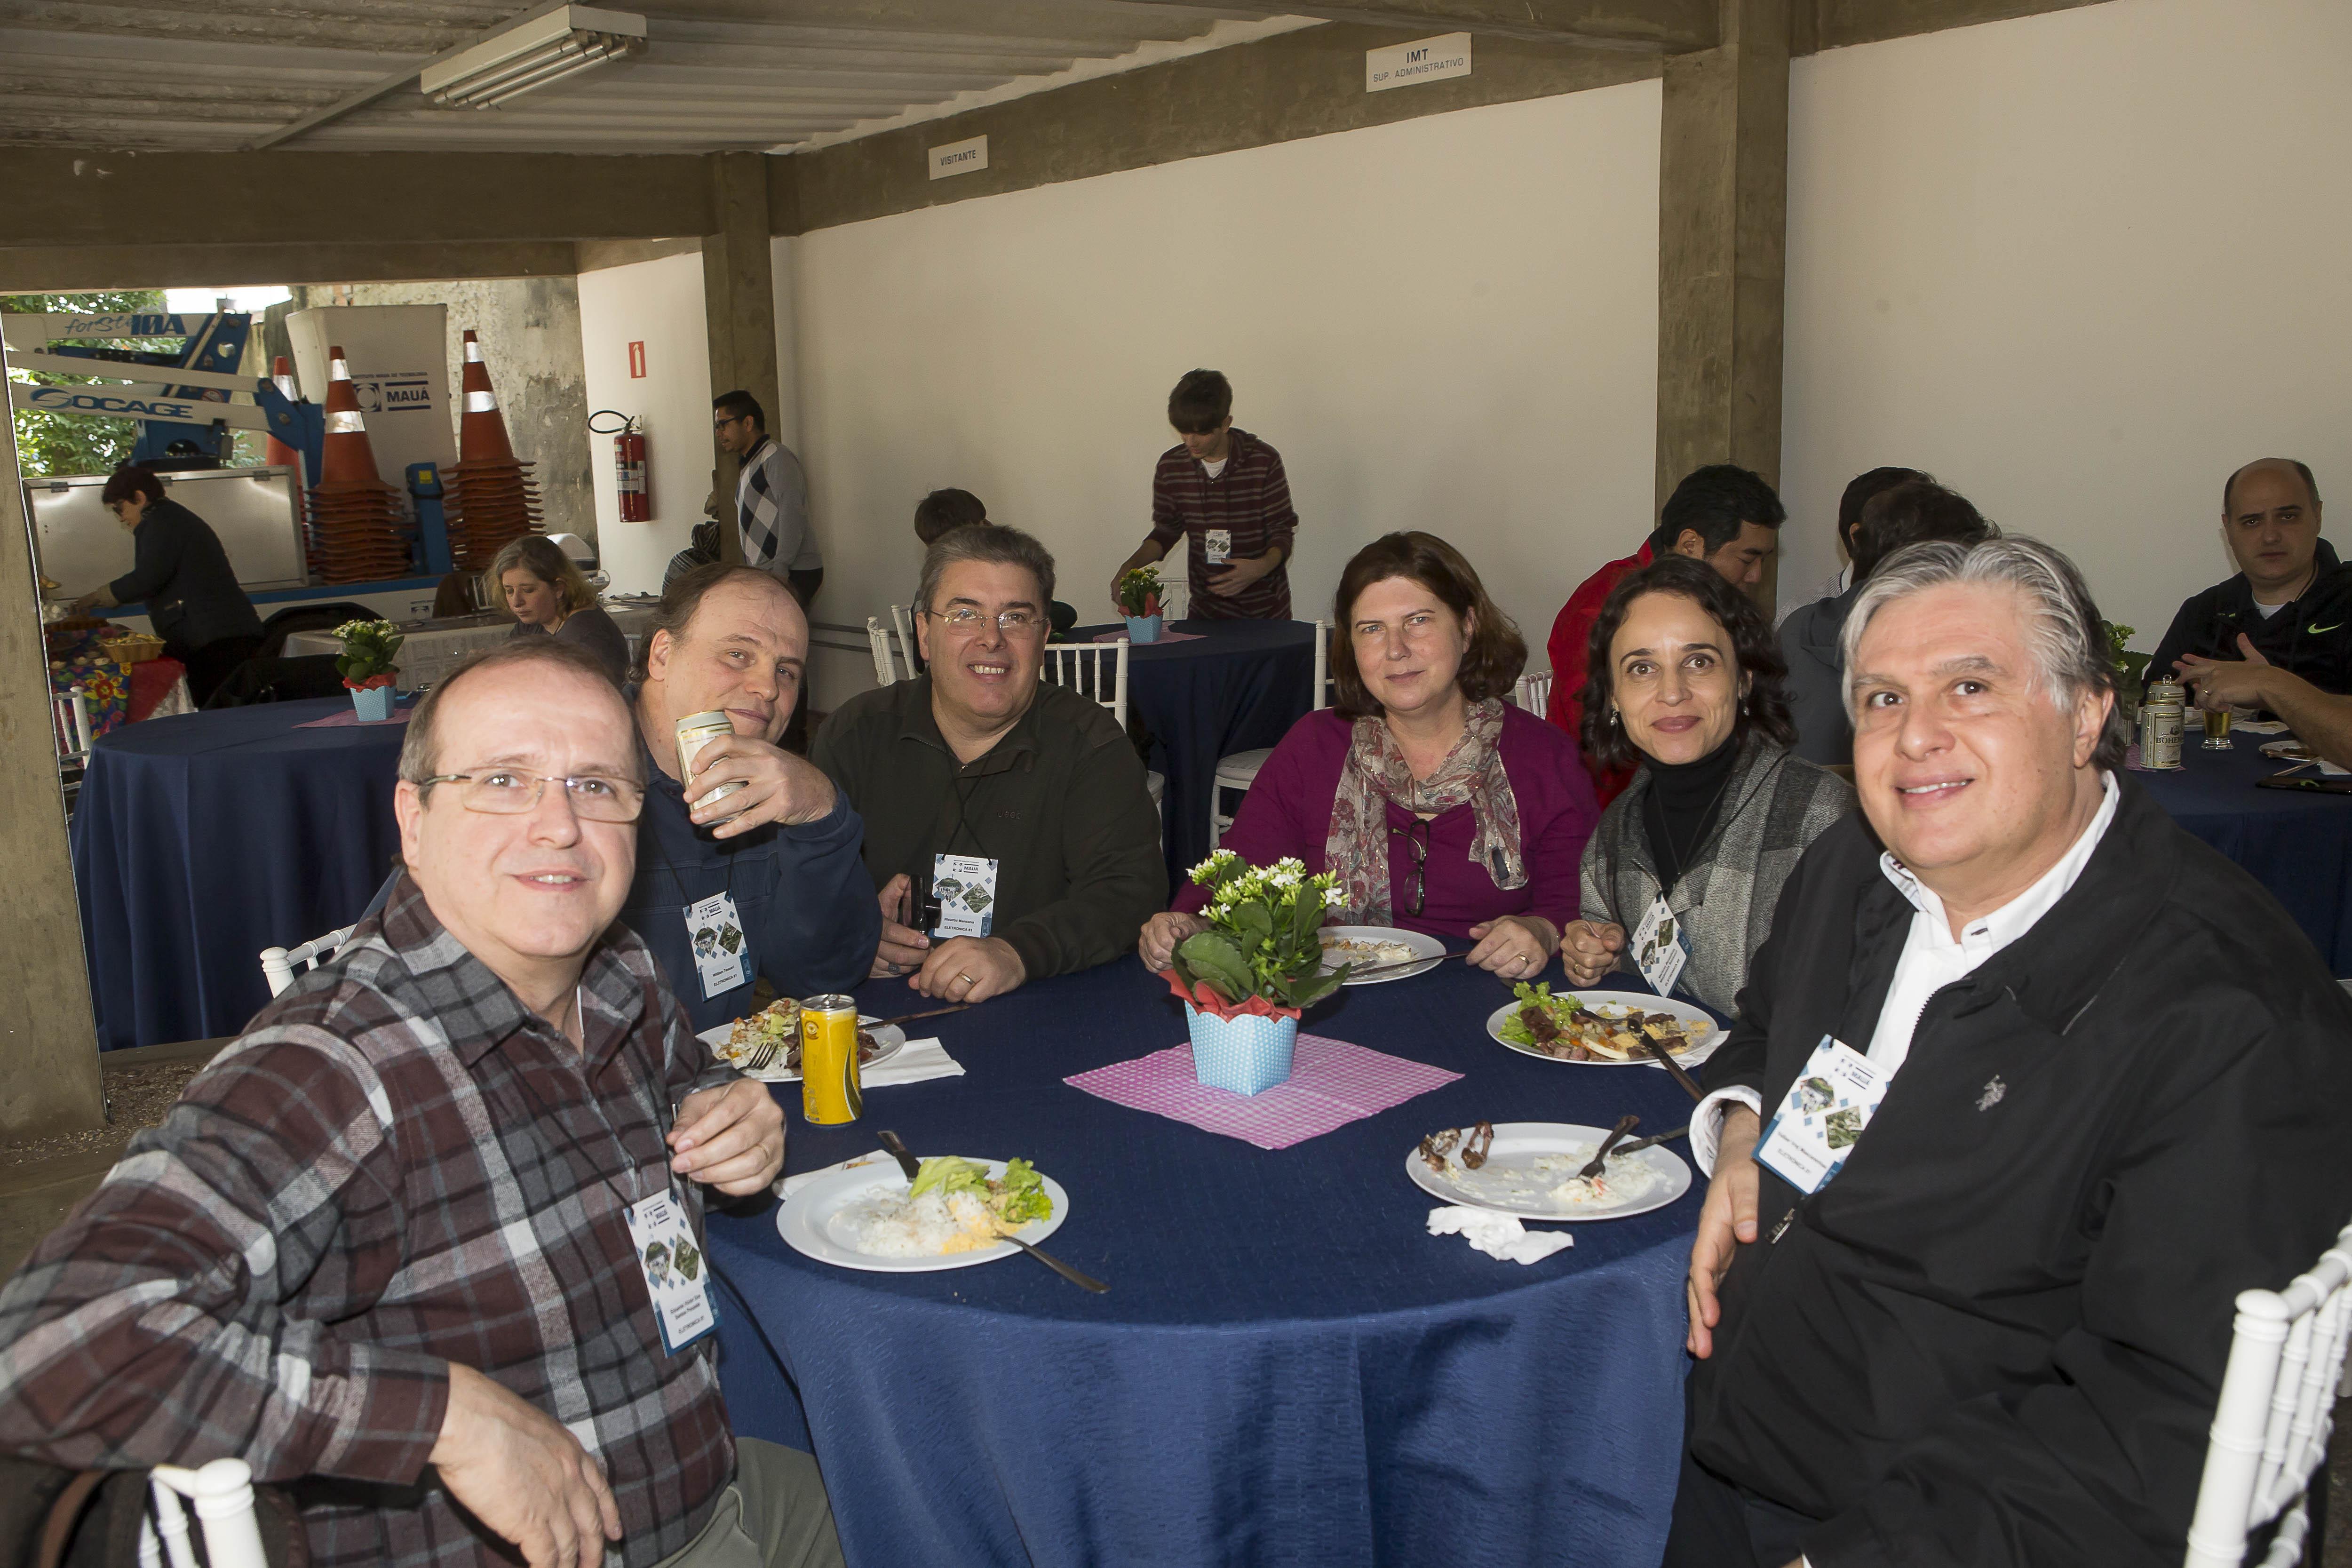 Eduardo Pouzada, William Tessari, Ricardo Mandano, Marlene Santucci e Valber Macarenhas (2)